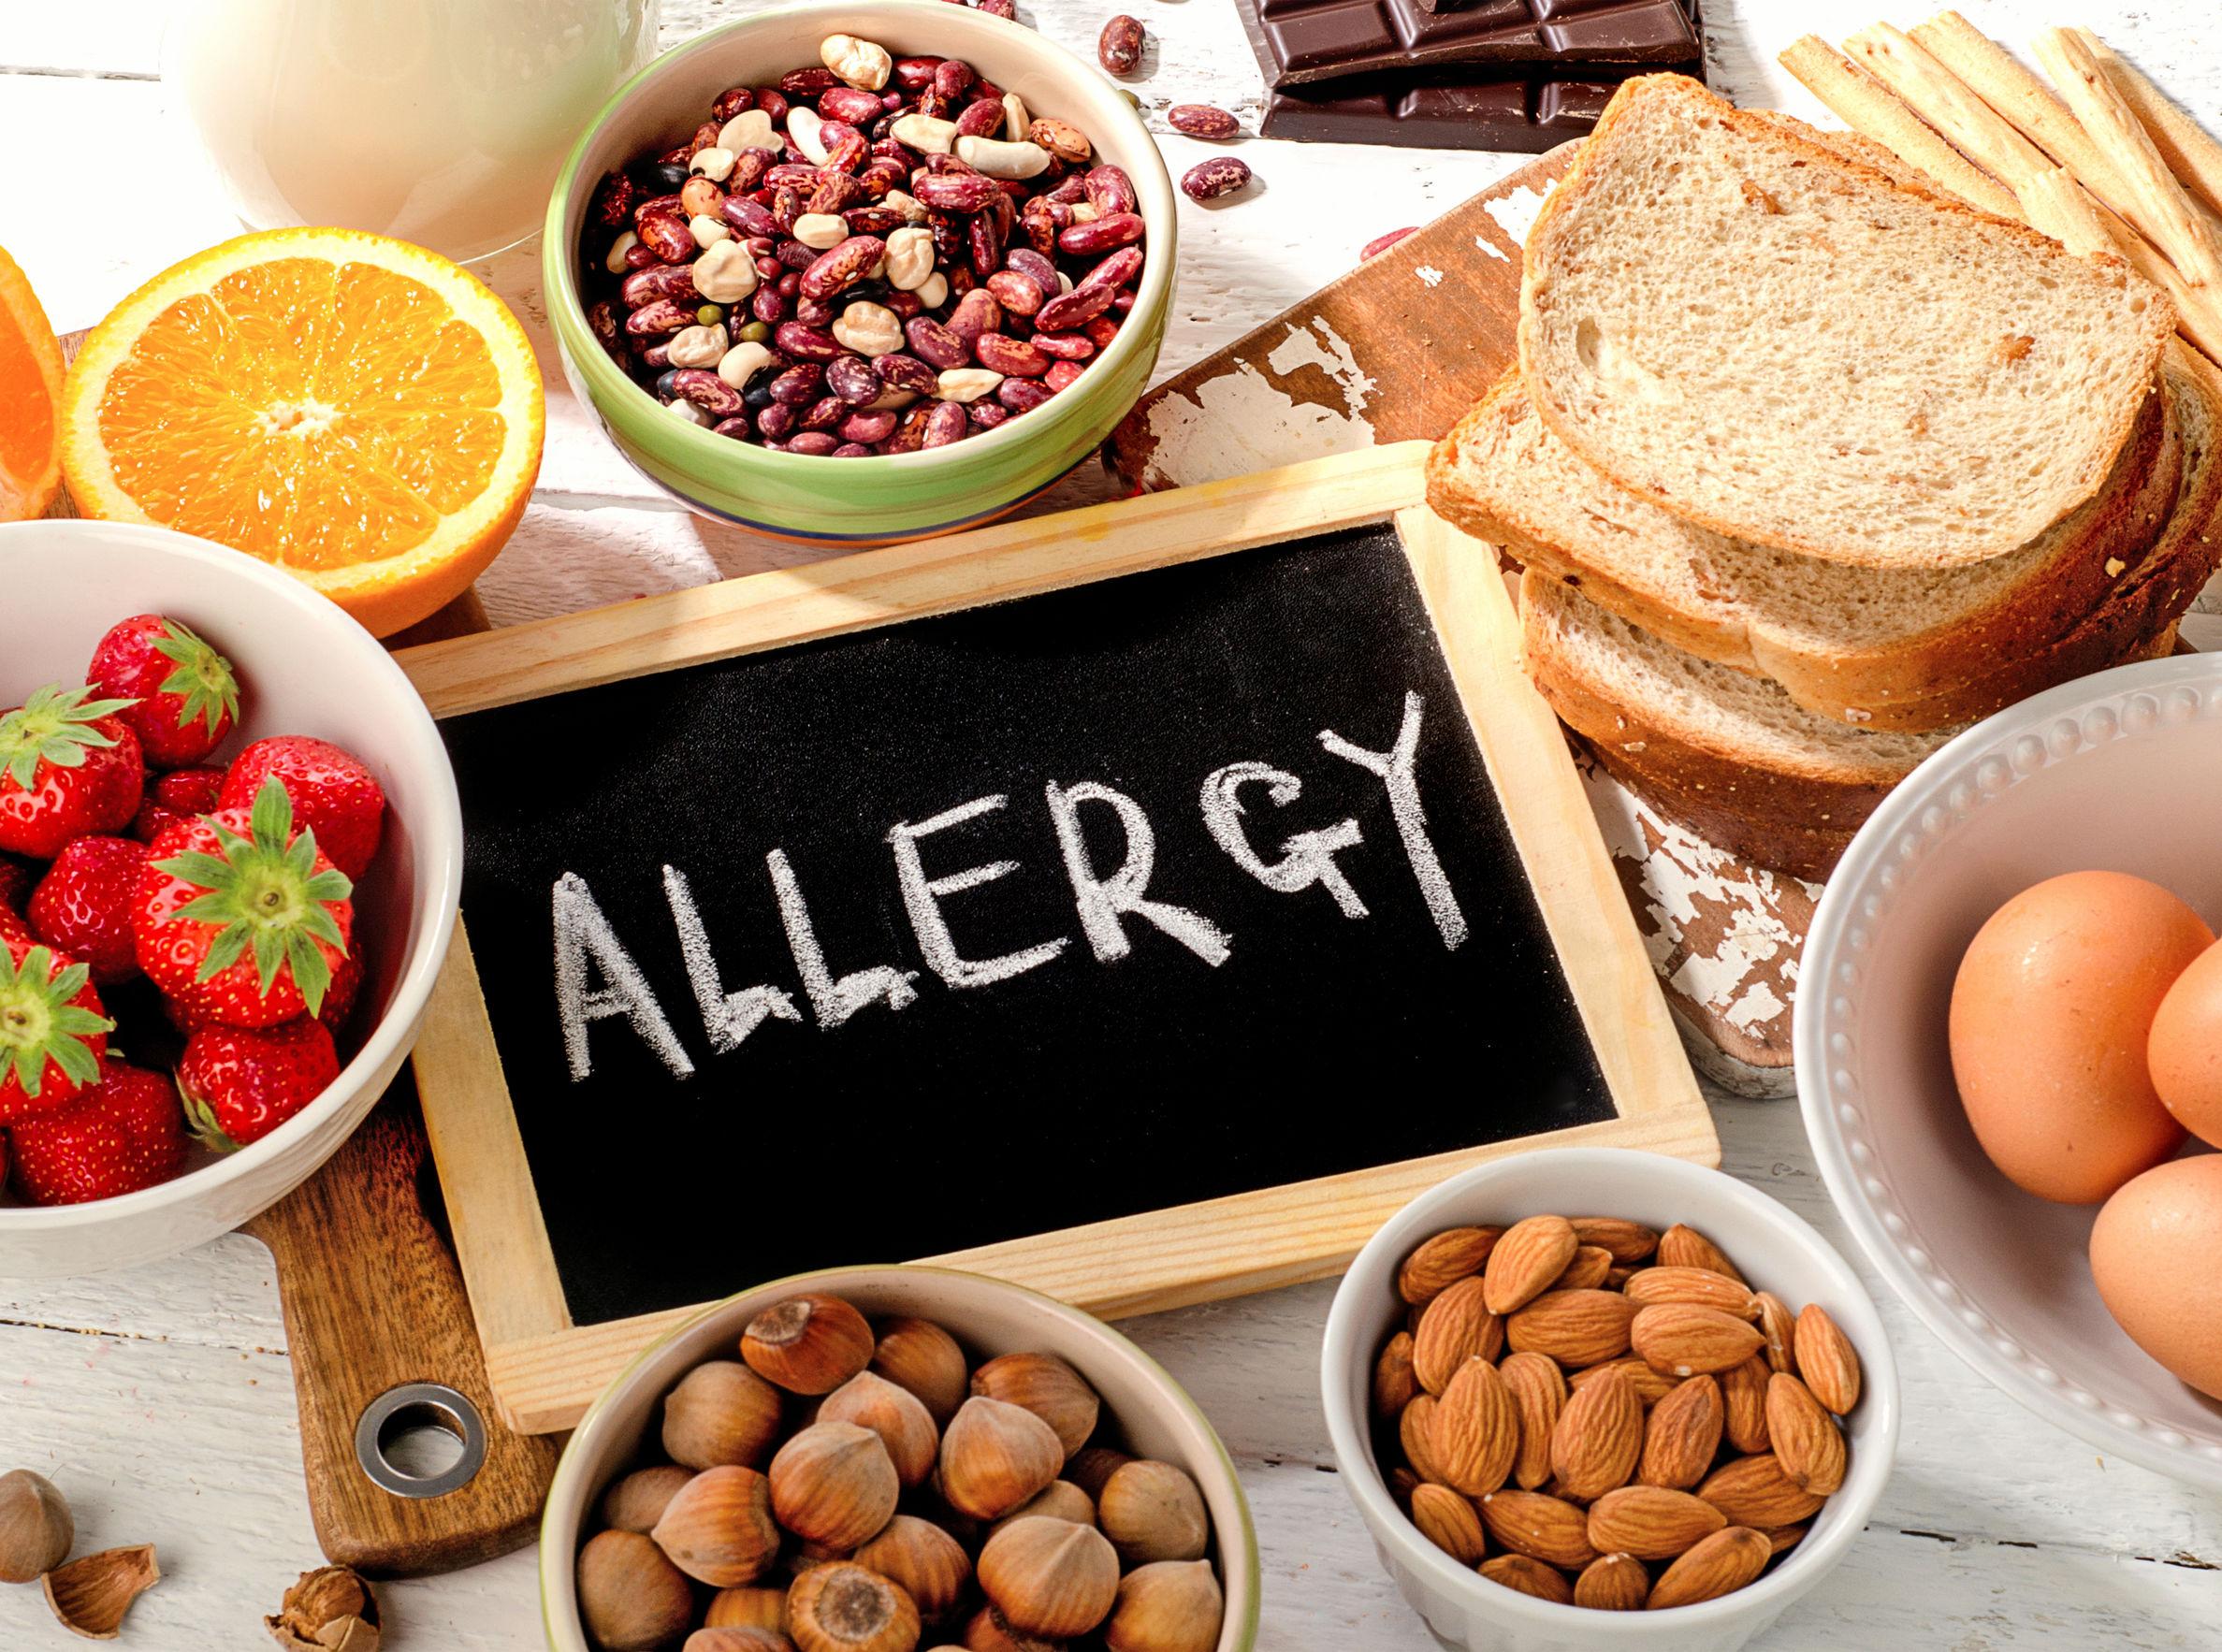 Dieta hipoalergénica: ¿En qué consiste y cuándo se indica?